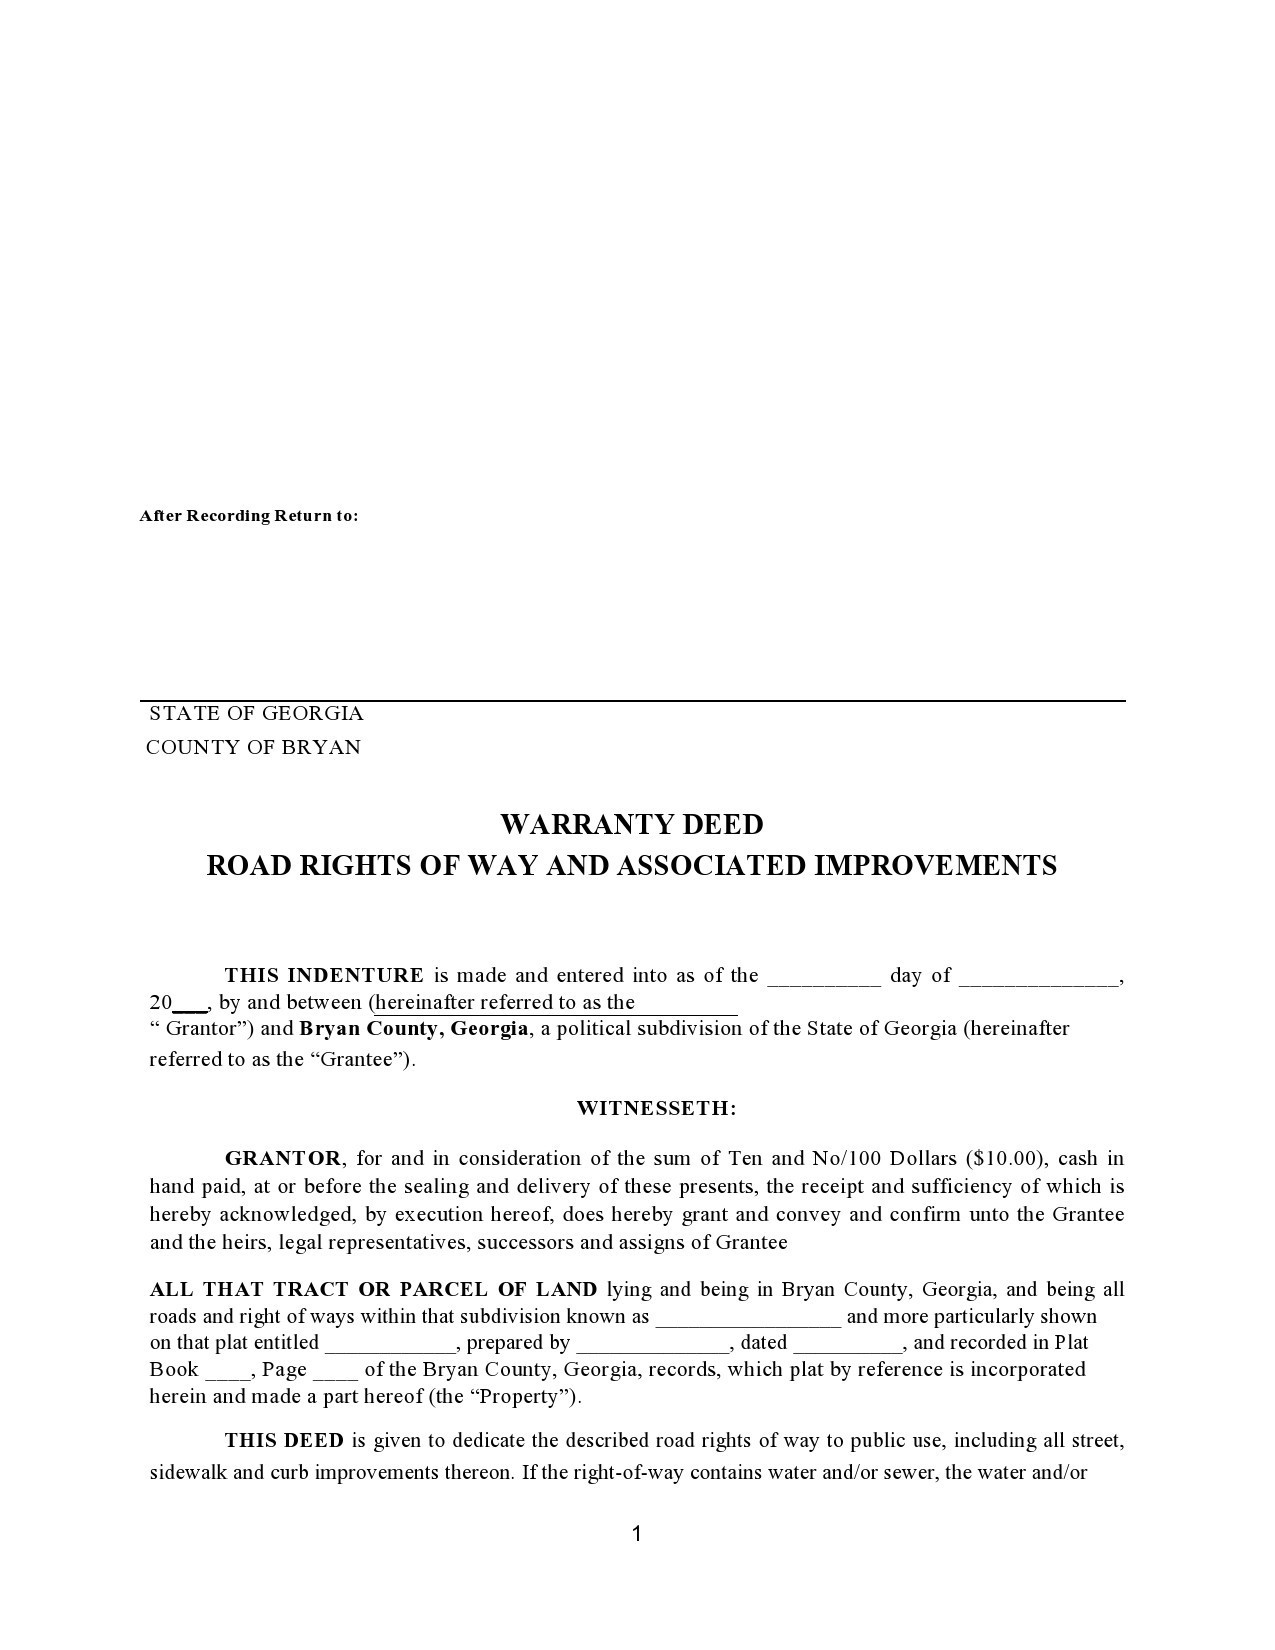 Free warranty deed form 24